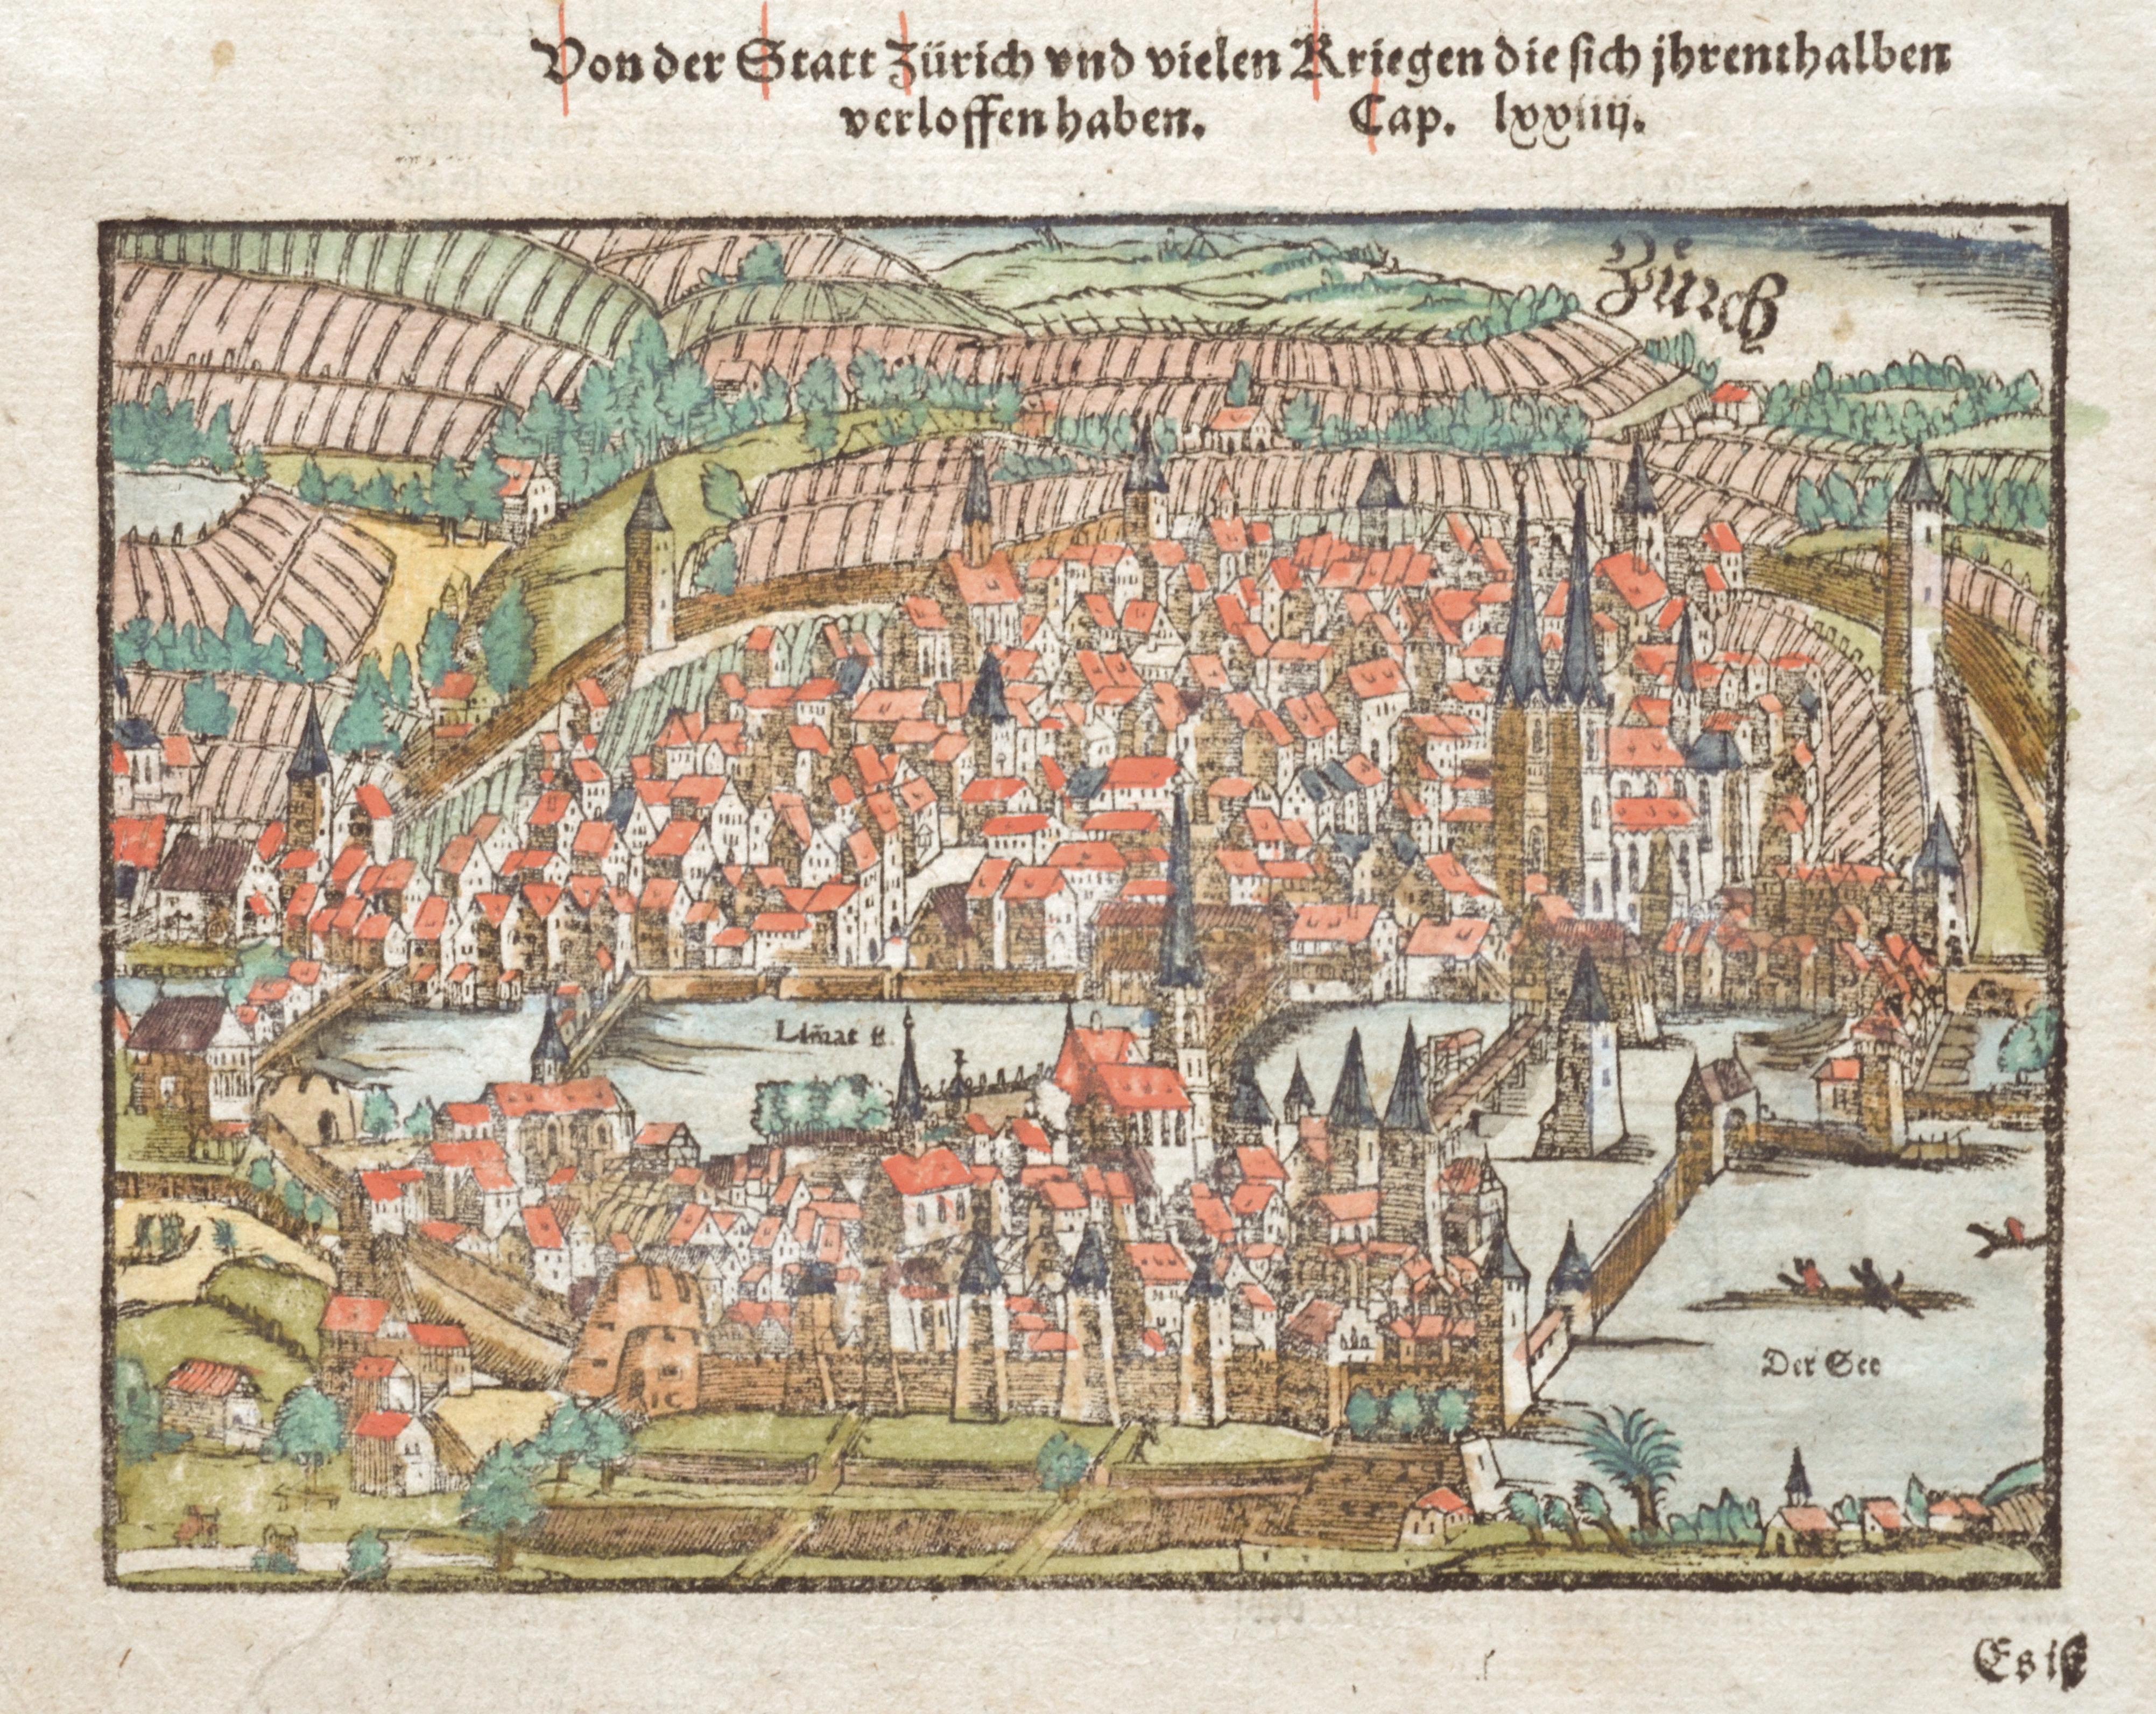 Münster Sebastian Von der Statt Zürich und vielen Kriegen die sich ihrenthalben verloffen haben.